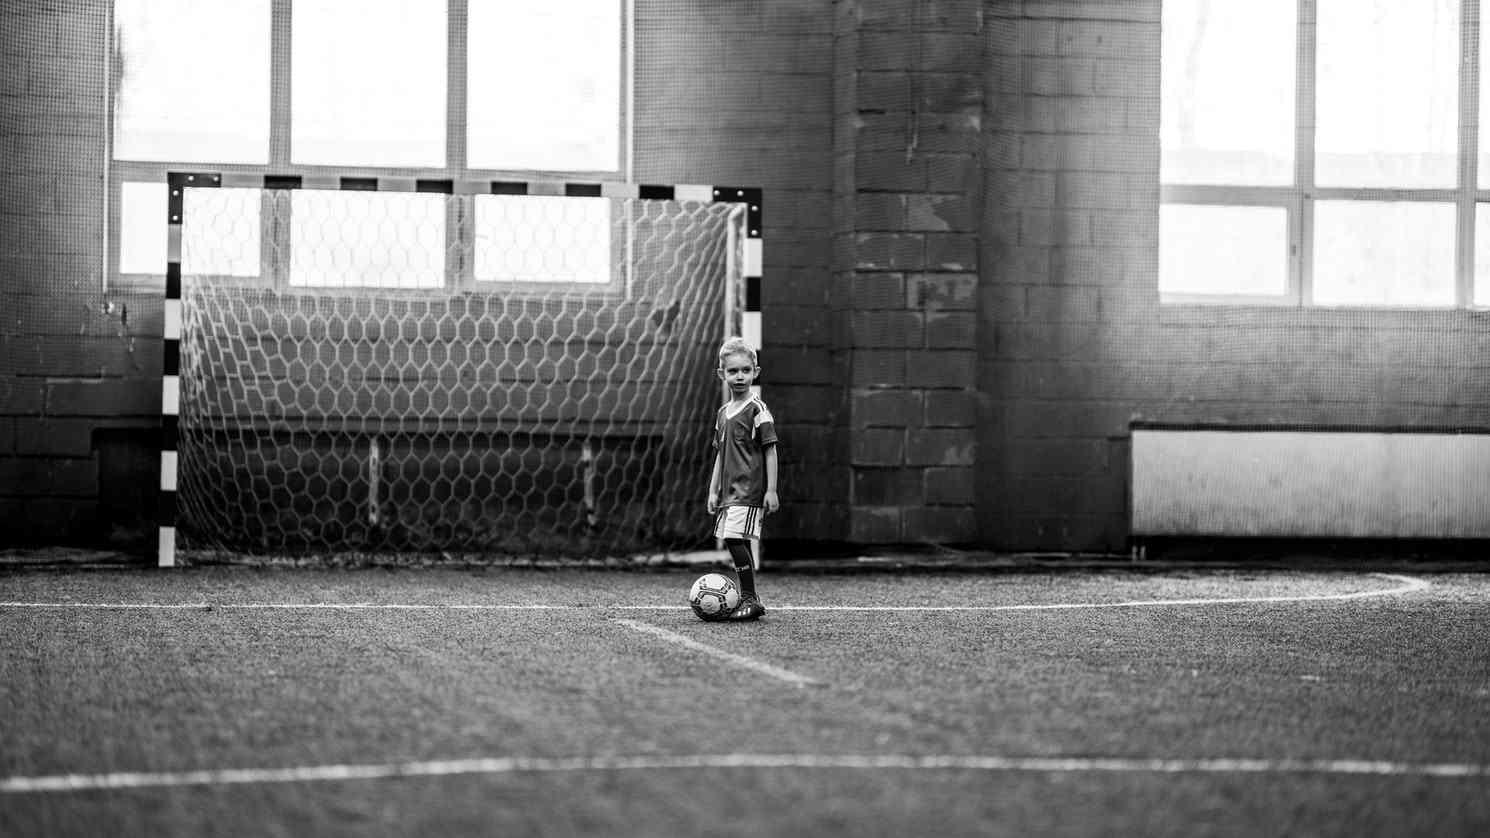 باشگاه و مدرسه فوتبال افشین پیروانی